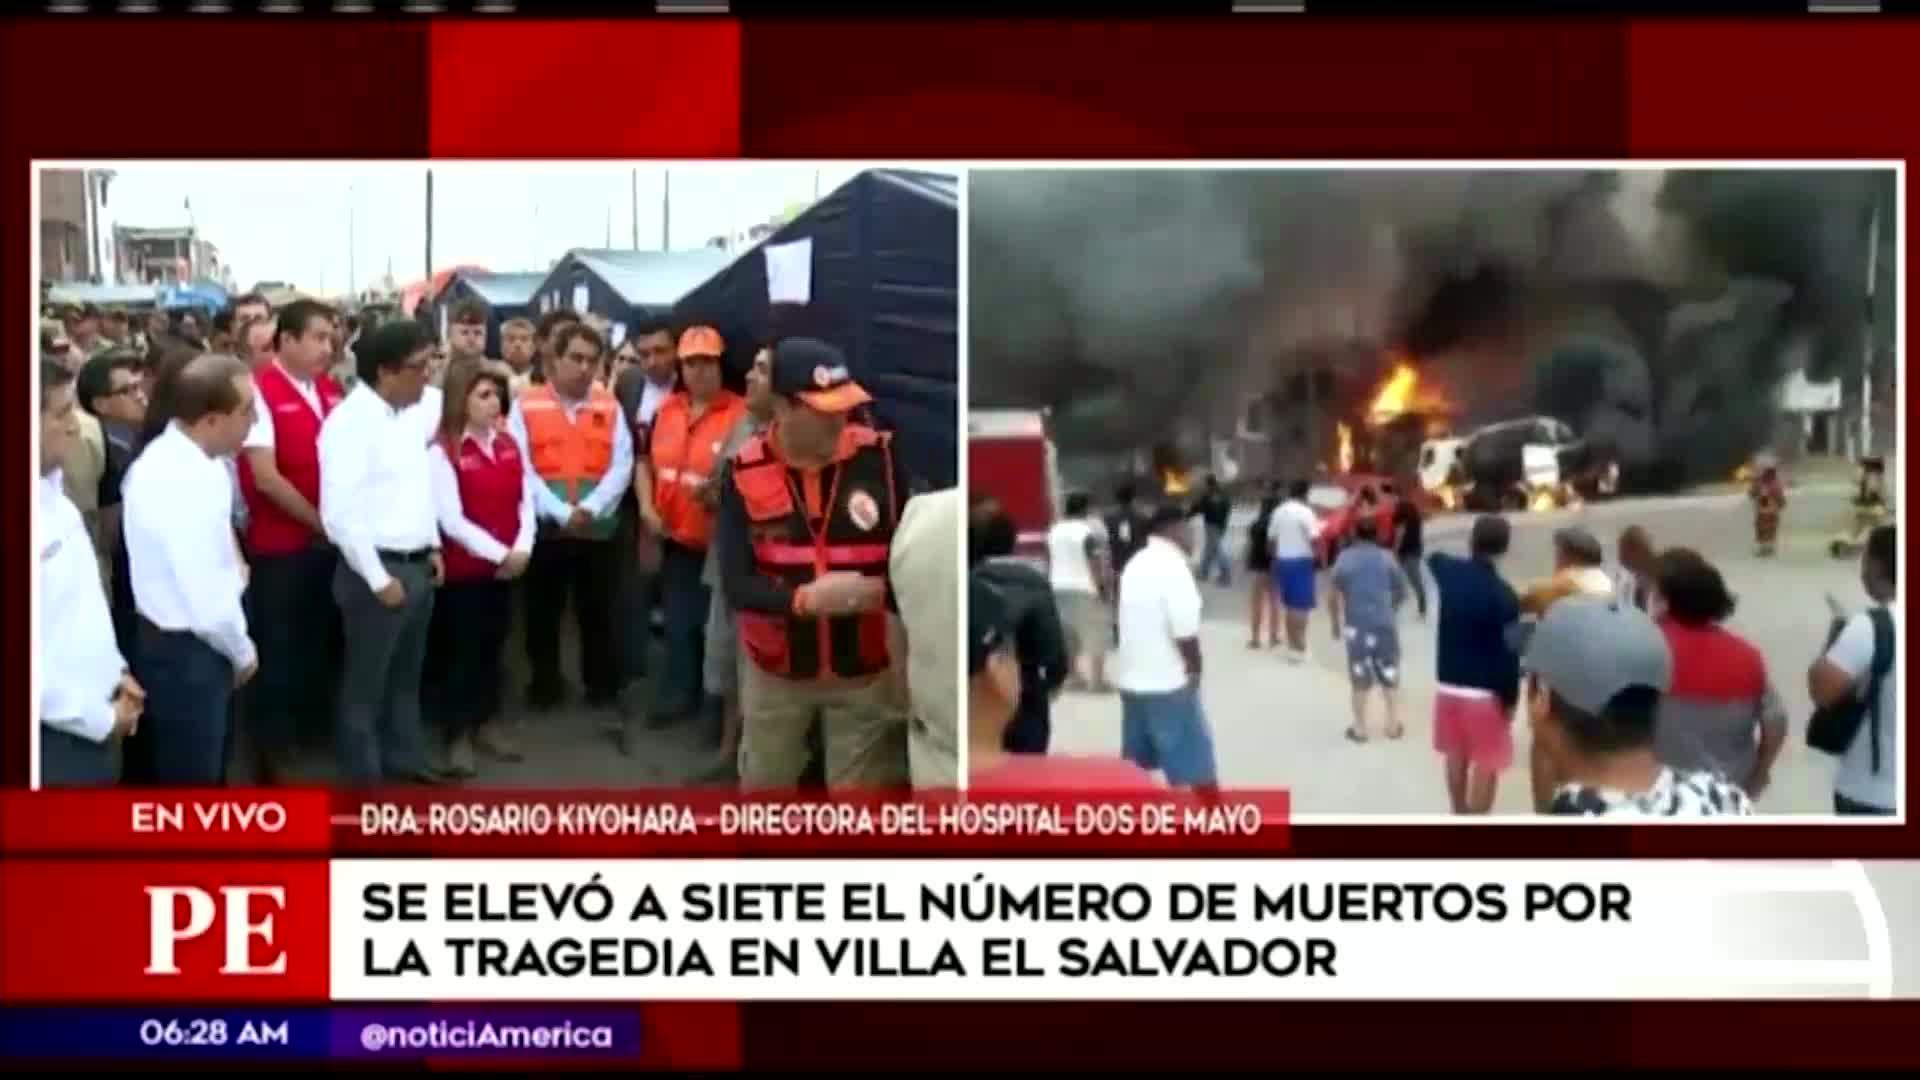 Tragedia en VES: se aumentó a siete la cifra de personas fallecidas tras la explosión